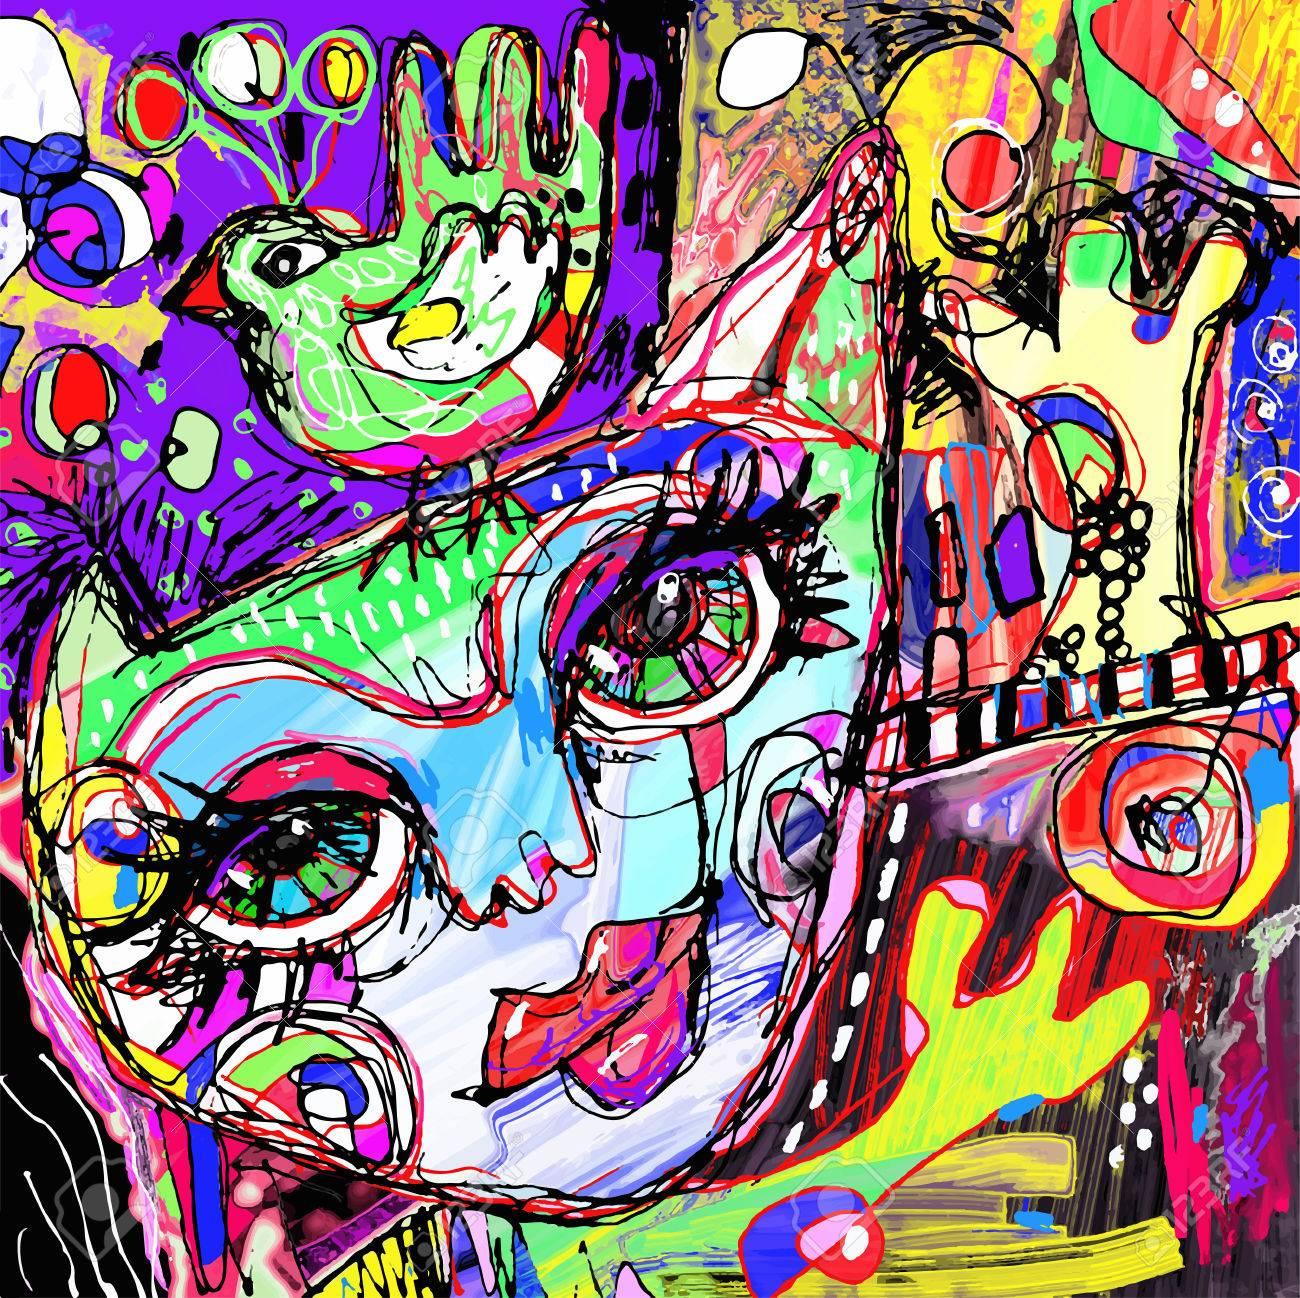 57190073-abstraite-numérique-oeuvre-de-la-peinture-contemporaine-du-chat-et-oiseau-sur-une-tête-l-art-doodle-i.jpg